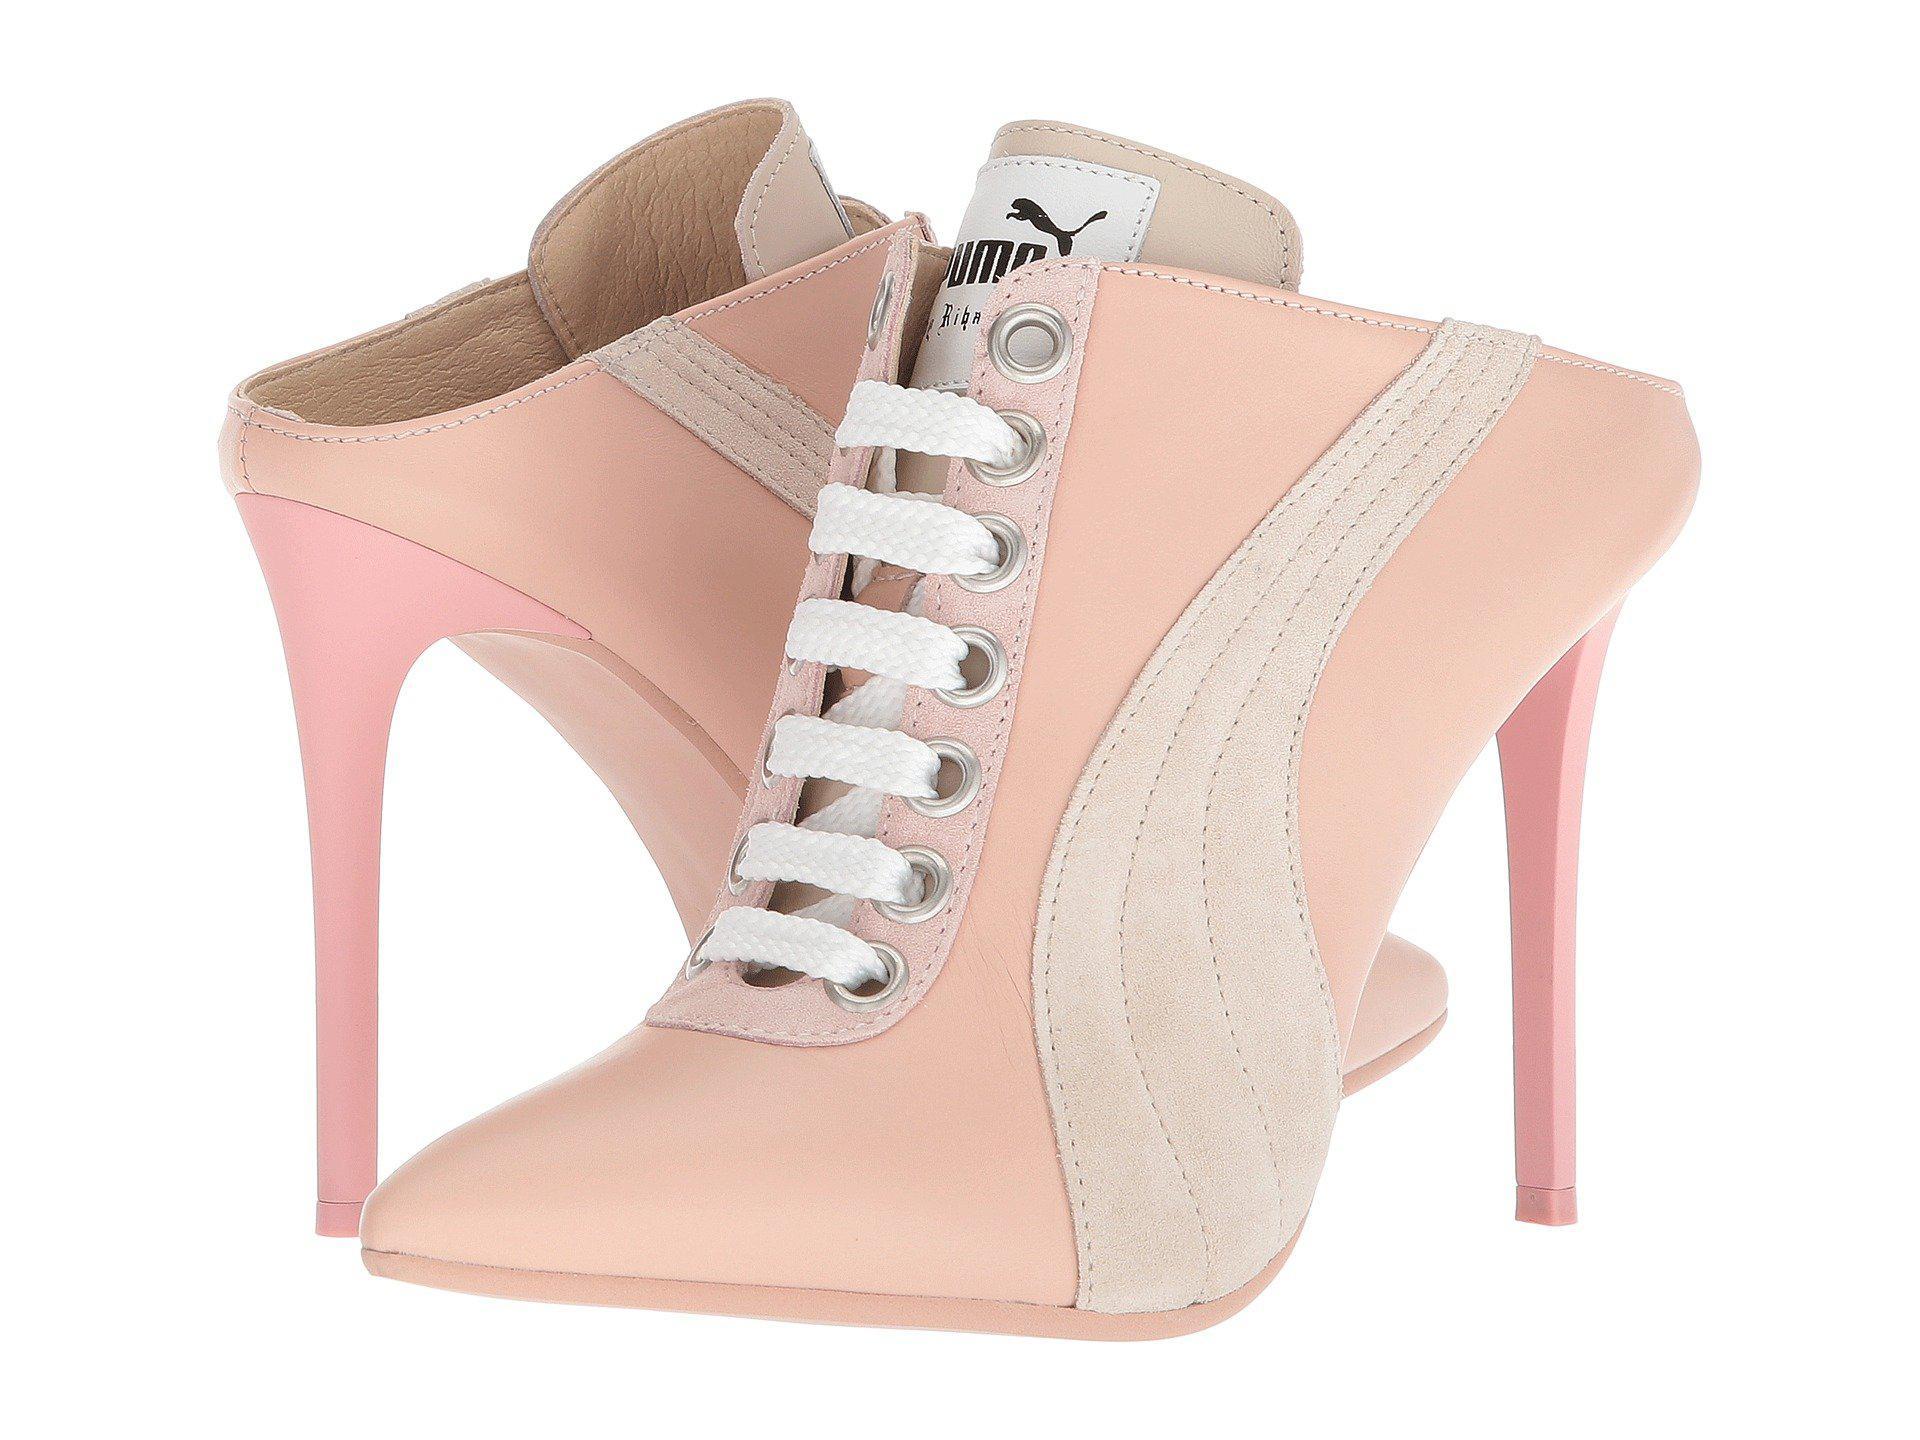 b5dfc846000 Lyst - PUMA Mule Heel in Pink